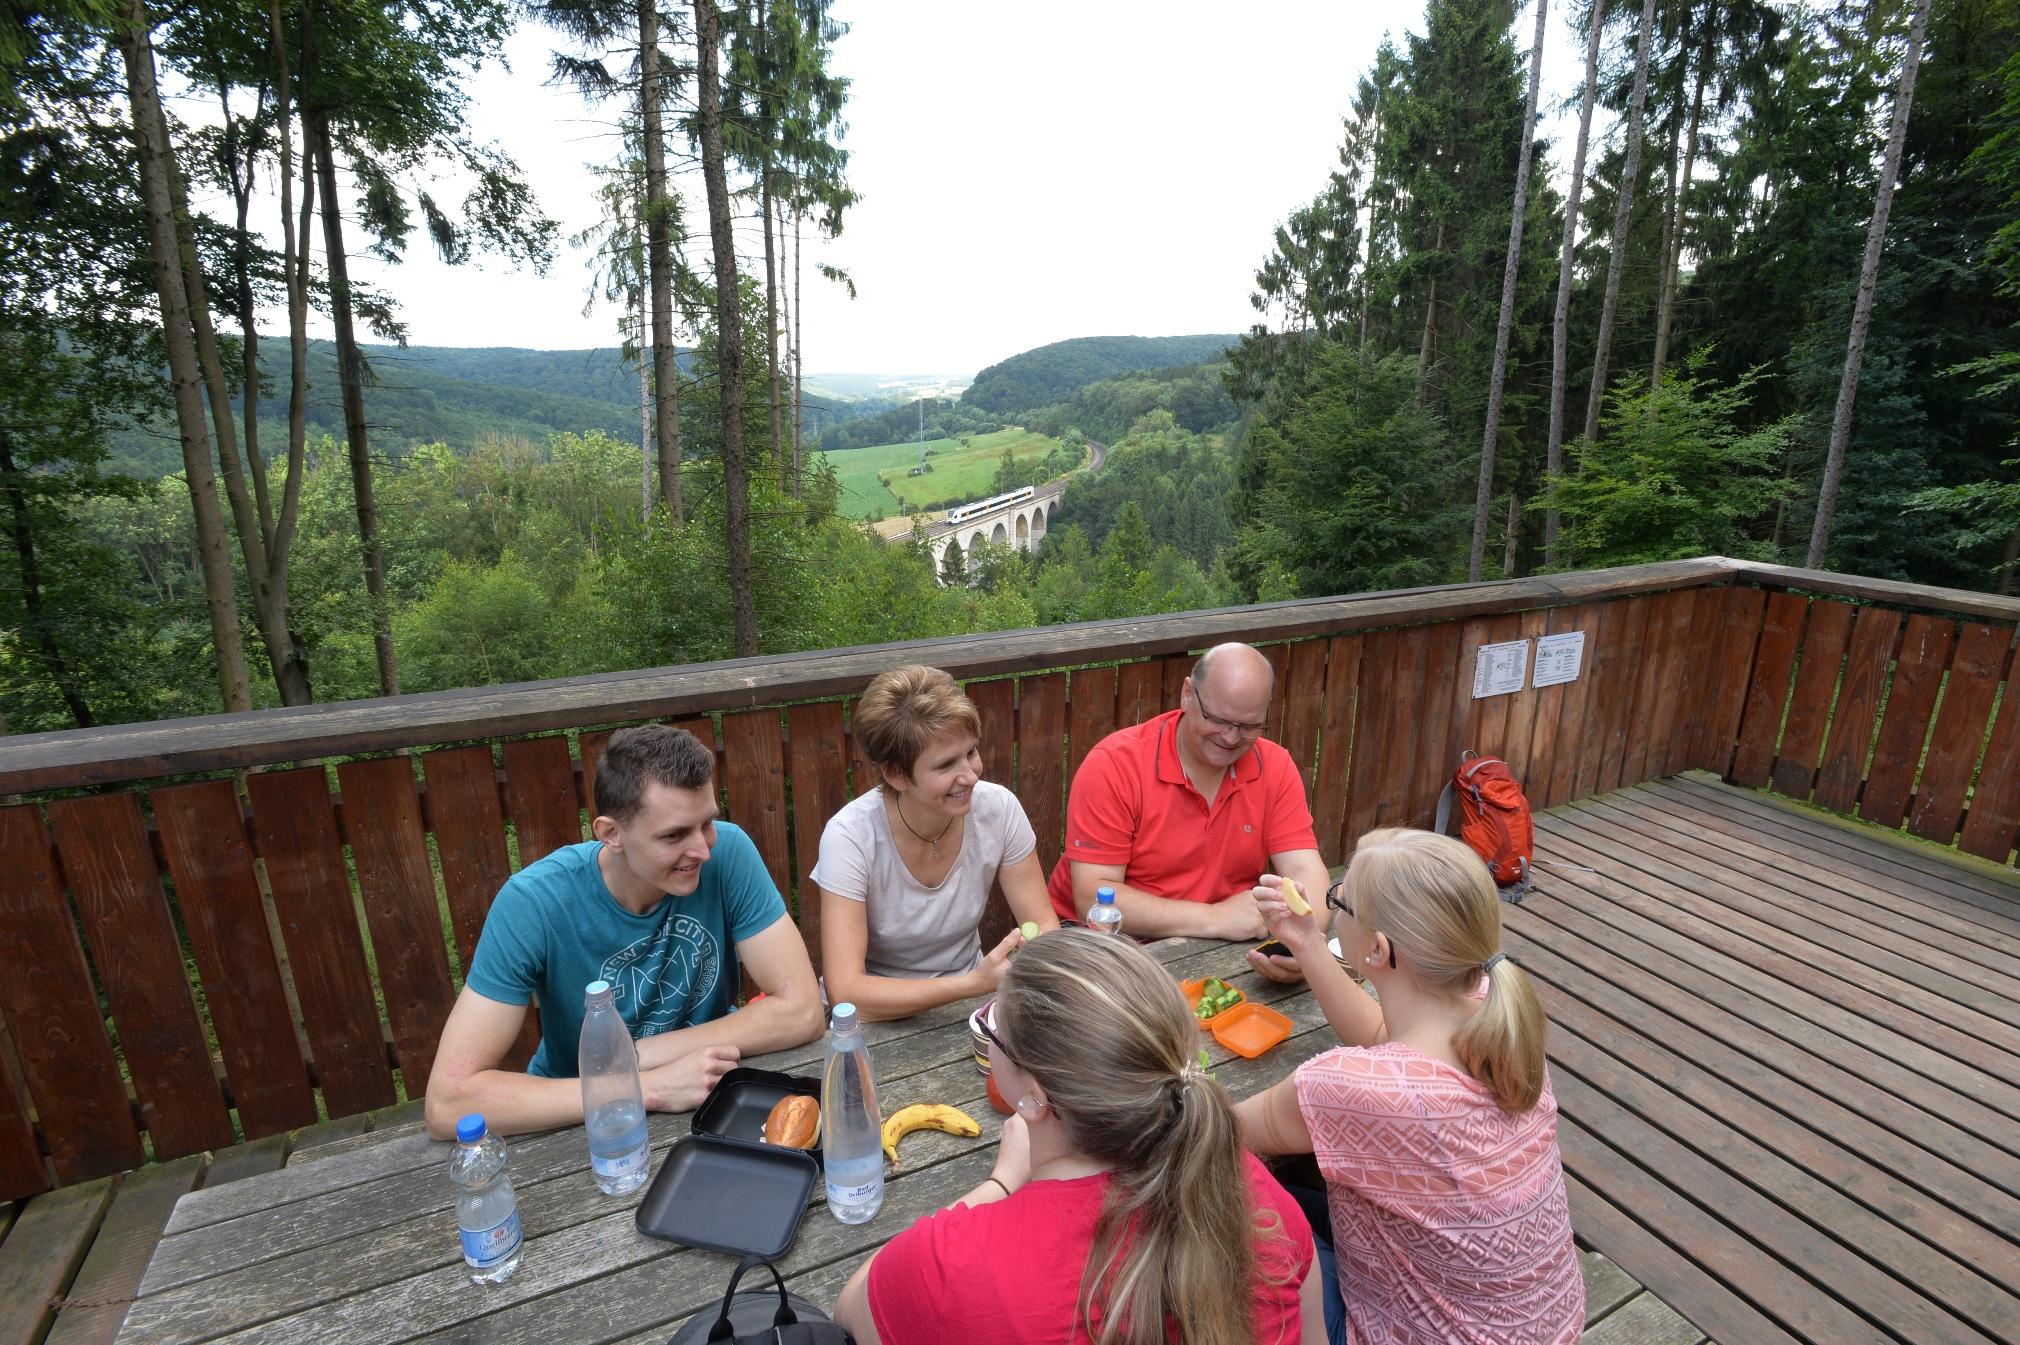 Picknickbank auf der Aussichtsplattform